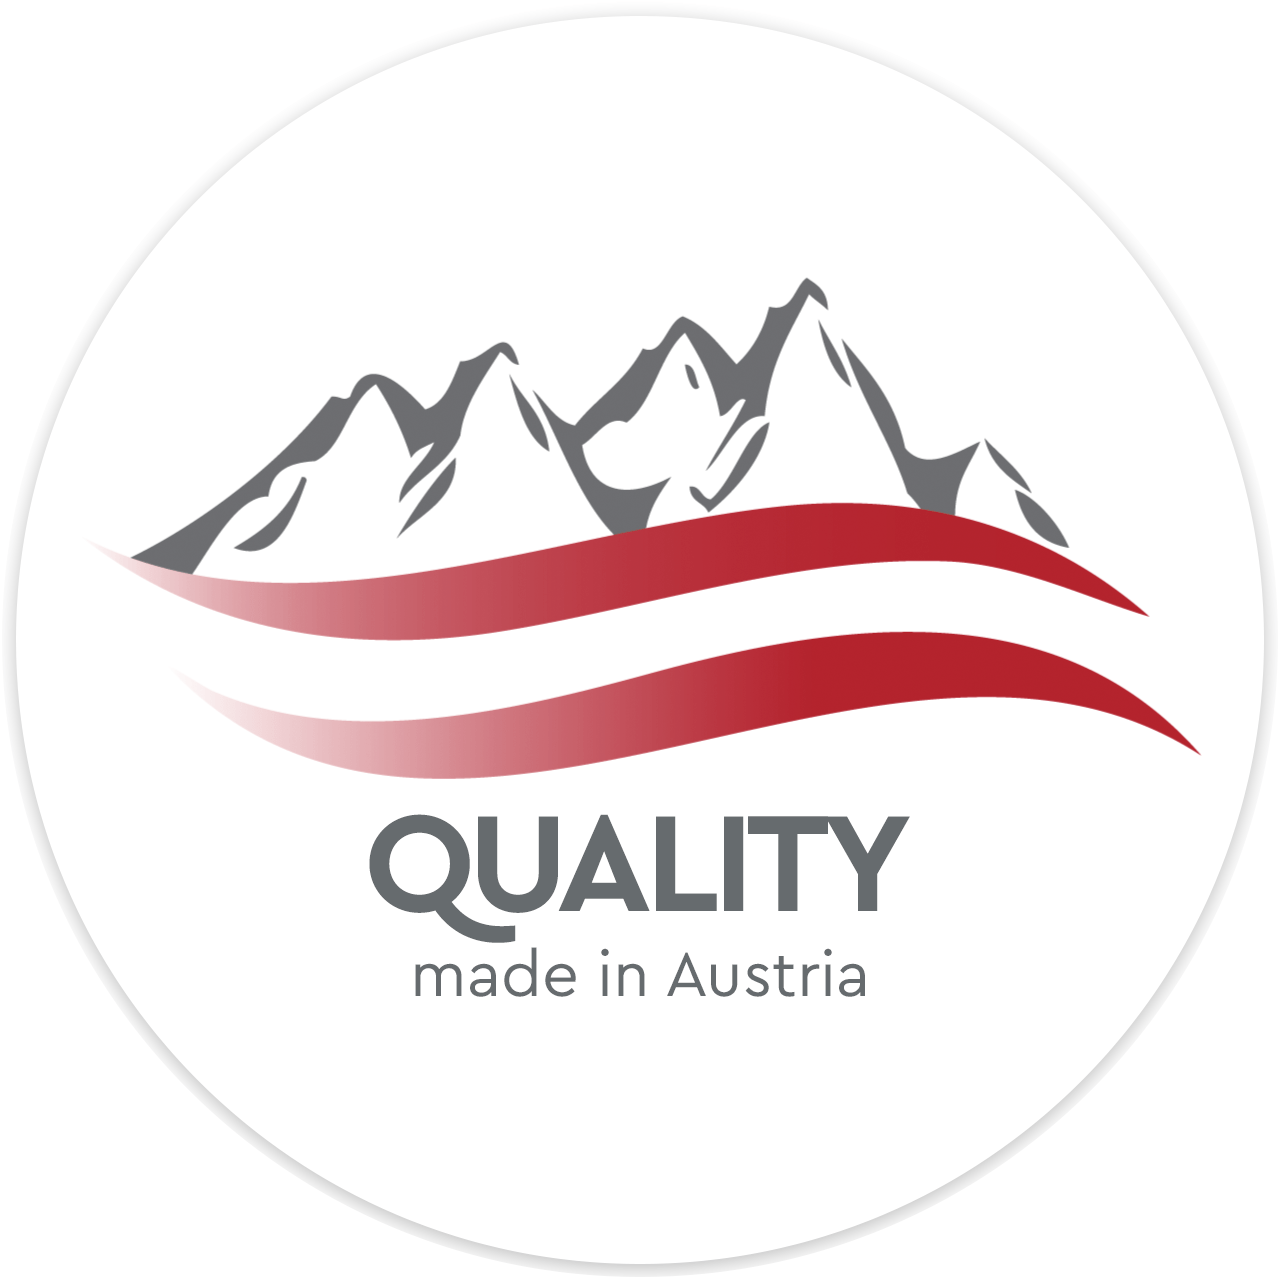 Qualité made in Austria